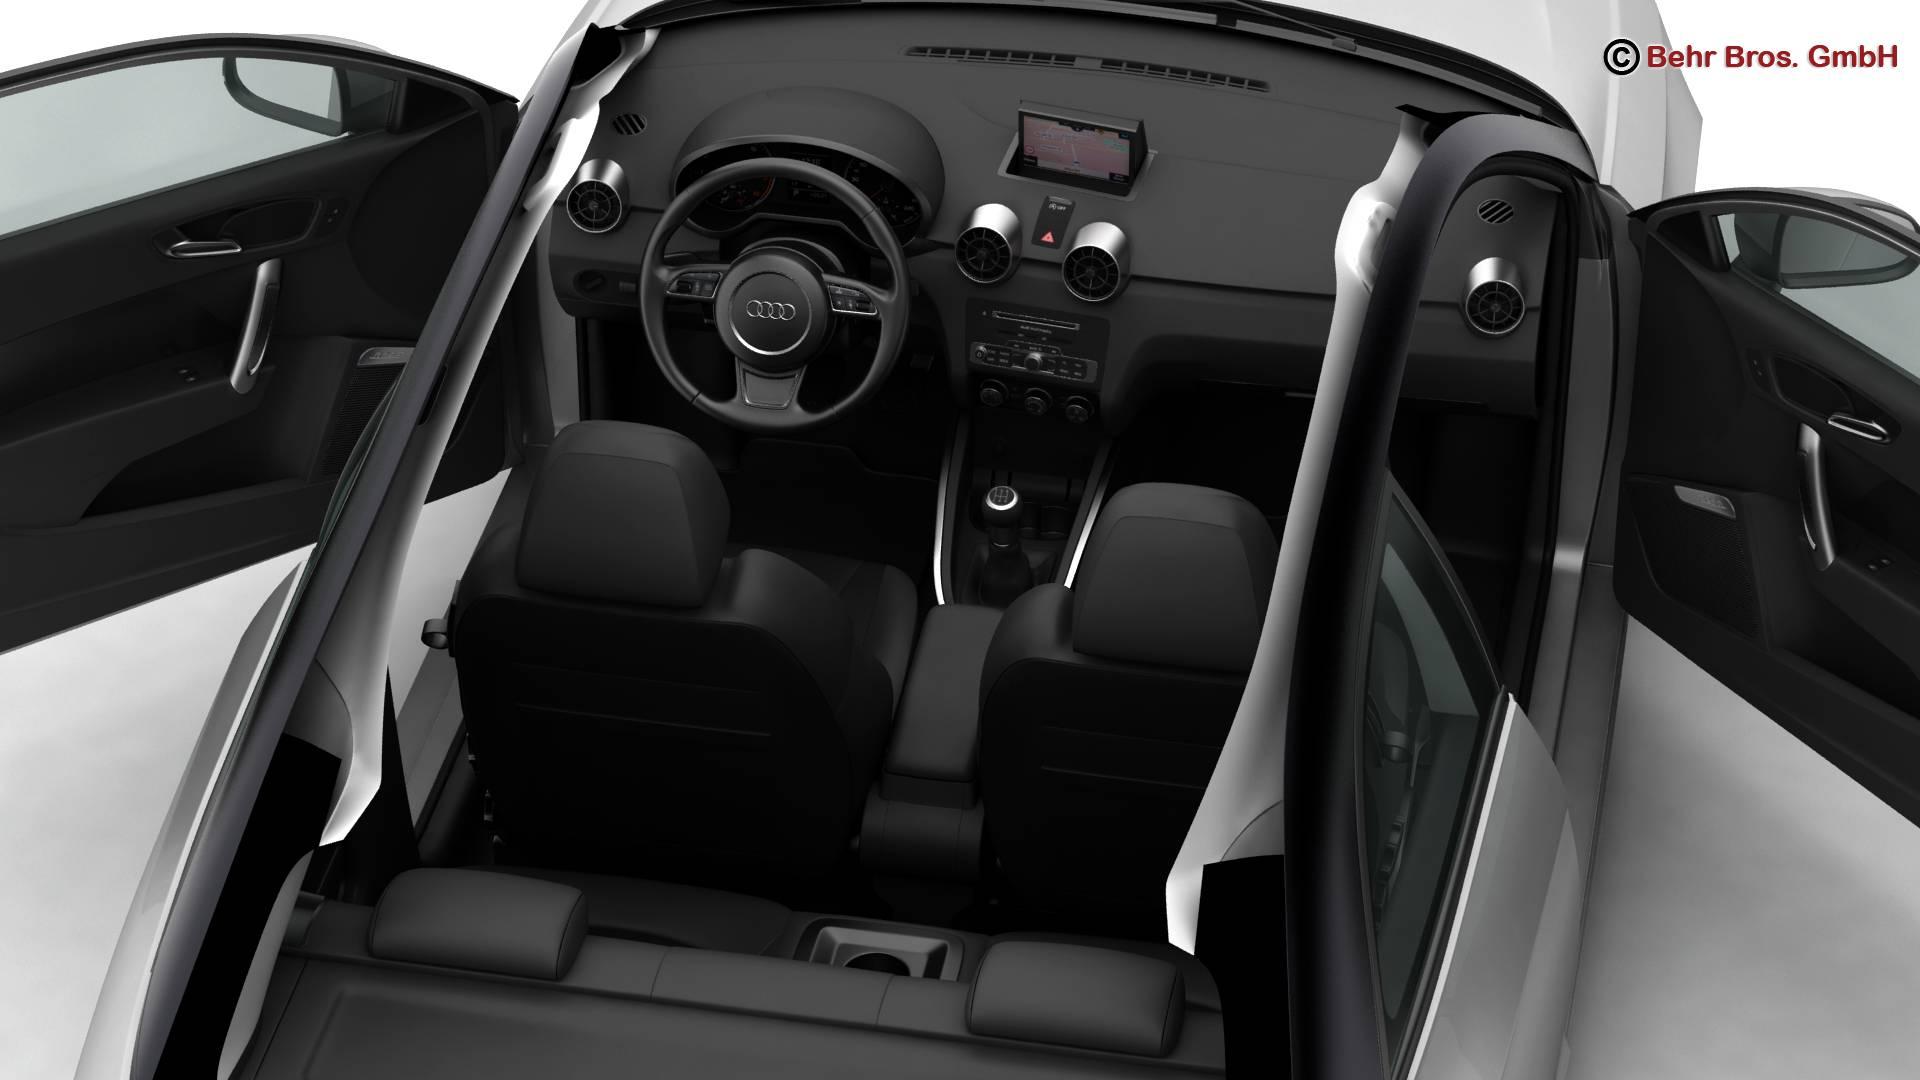 Audi a1 2015 3d model 3ds max fbx c4d am fwy o wybodaeth 214707